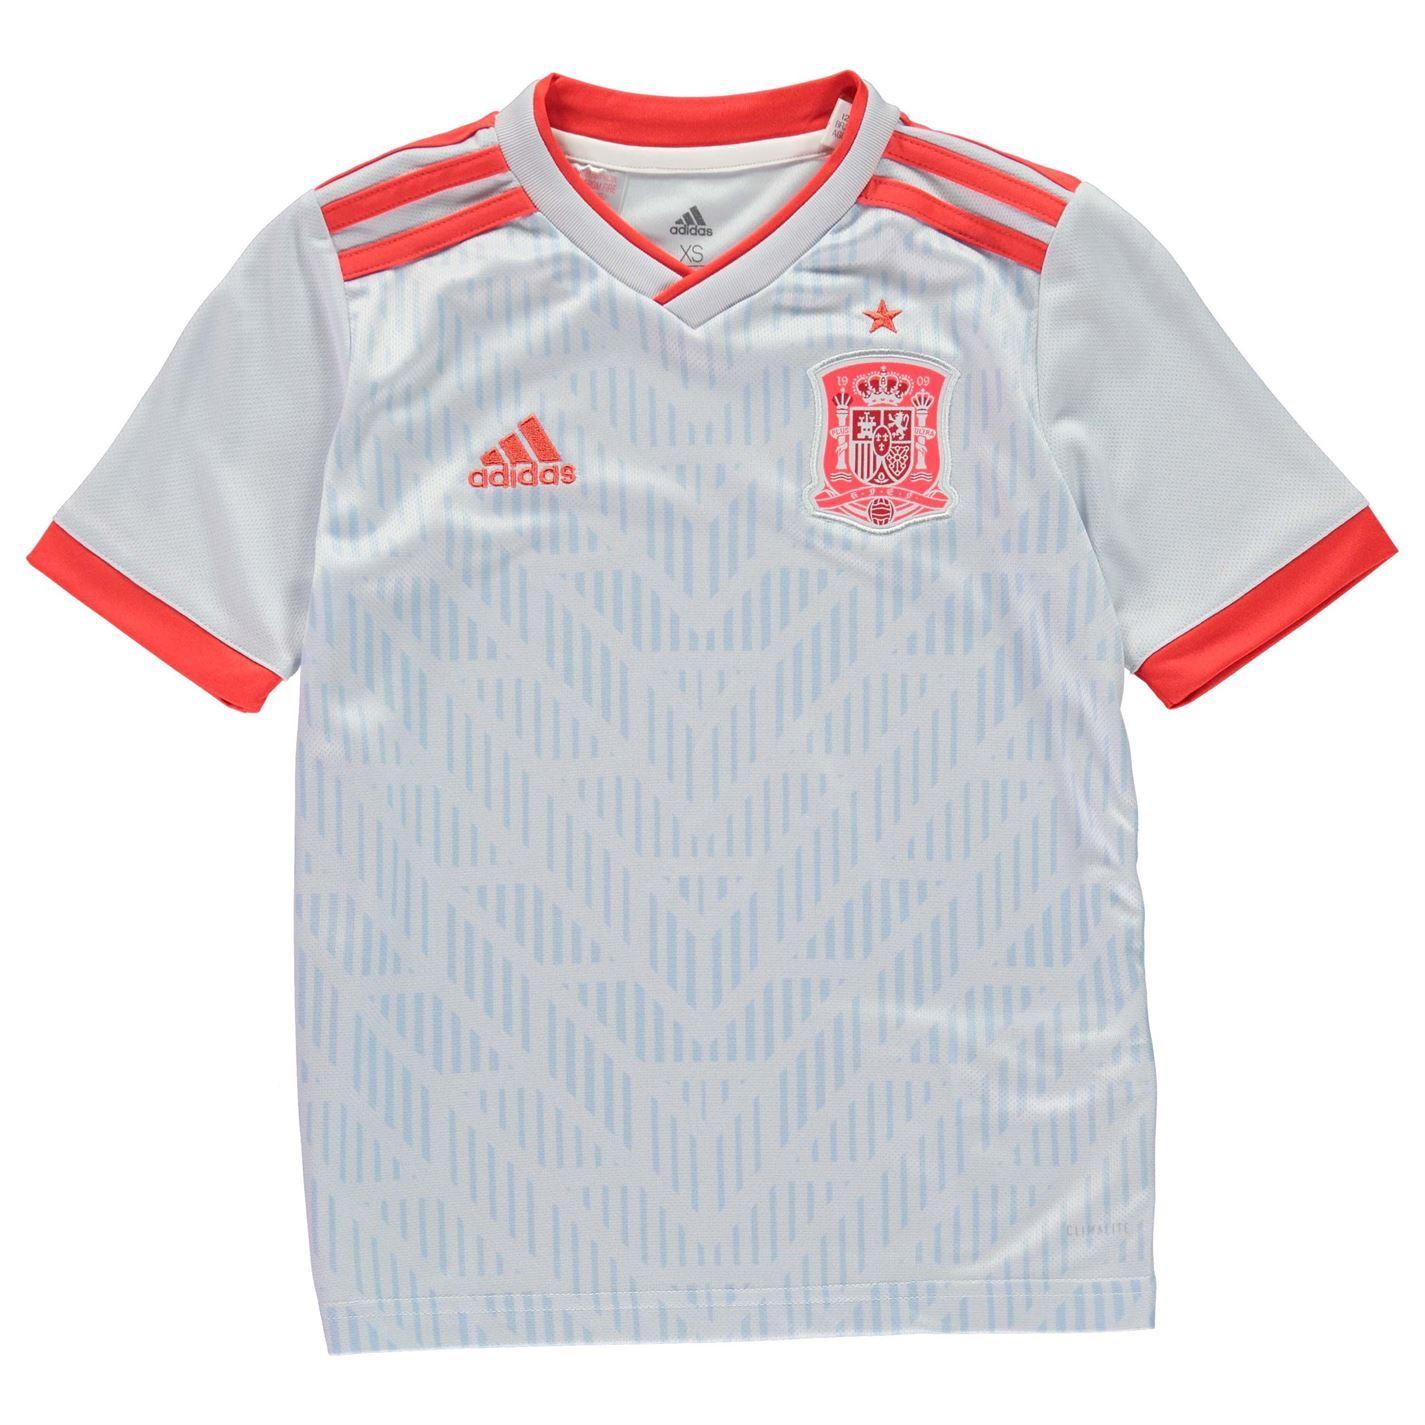 3ec202e35 adidas Spain Away Jersey 2018 Juniors Blue Red Football Soccer Top Shirt  Strip